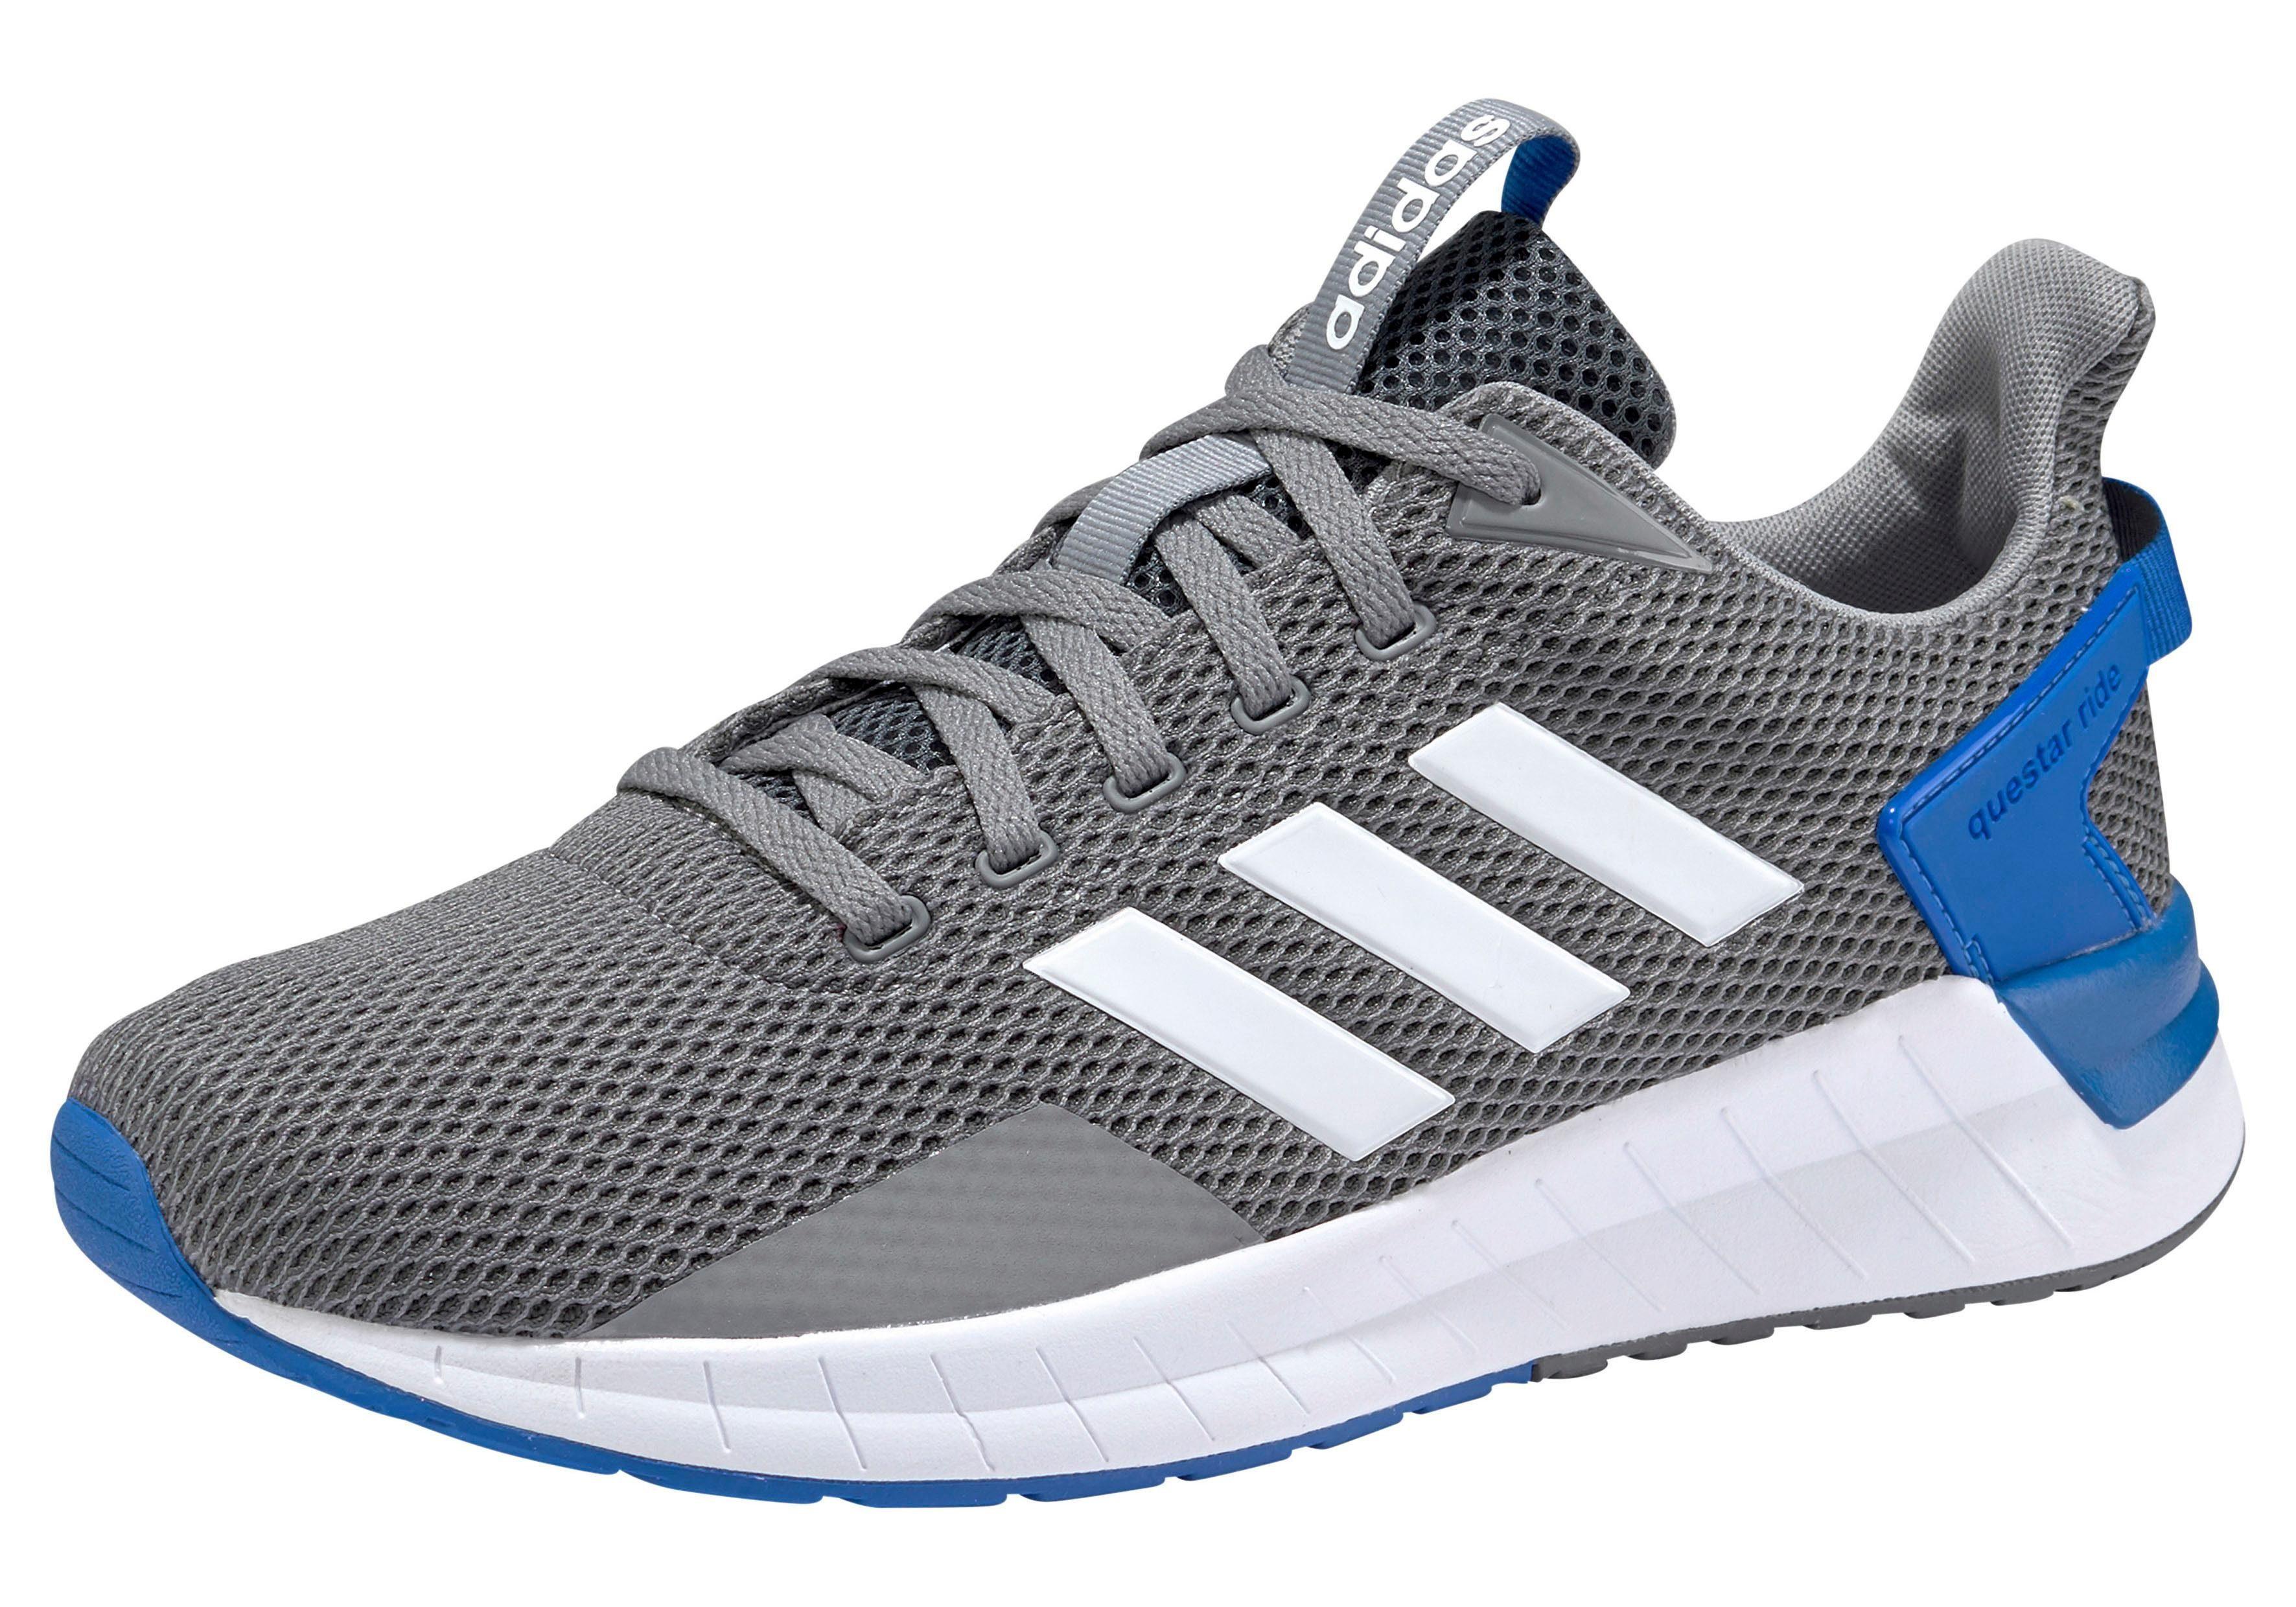 adidas Questar Ride M Sneaker online kaufen  graublau